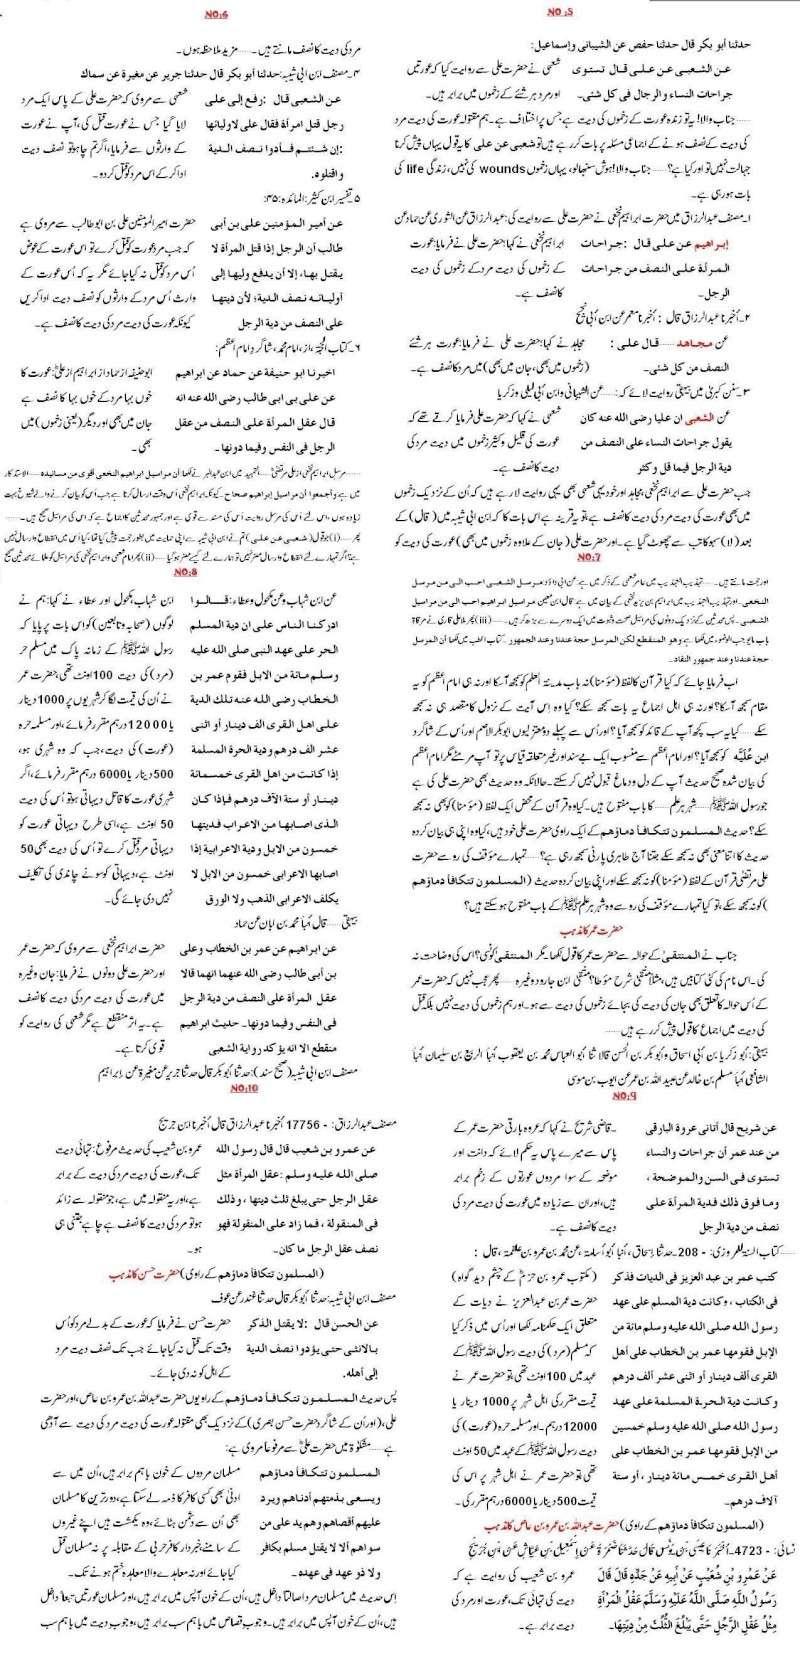 دیت کی جعلی فتوی فیکٹری پر منہاج القرآن کی فتح کا جھنڈا - Page 2 3post10